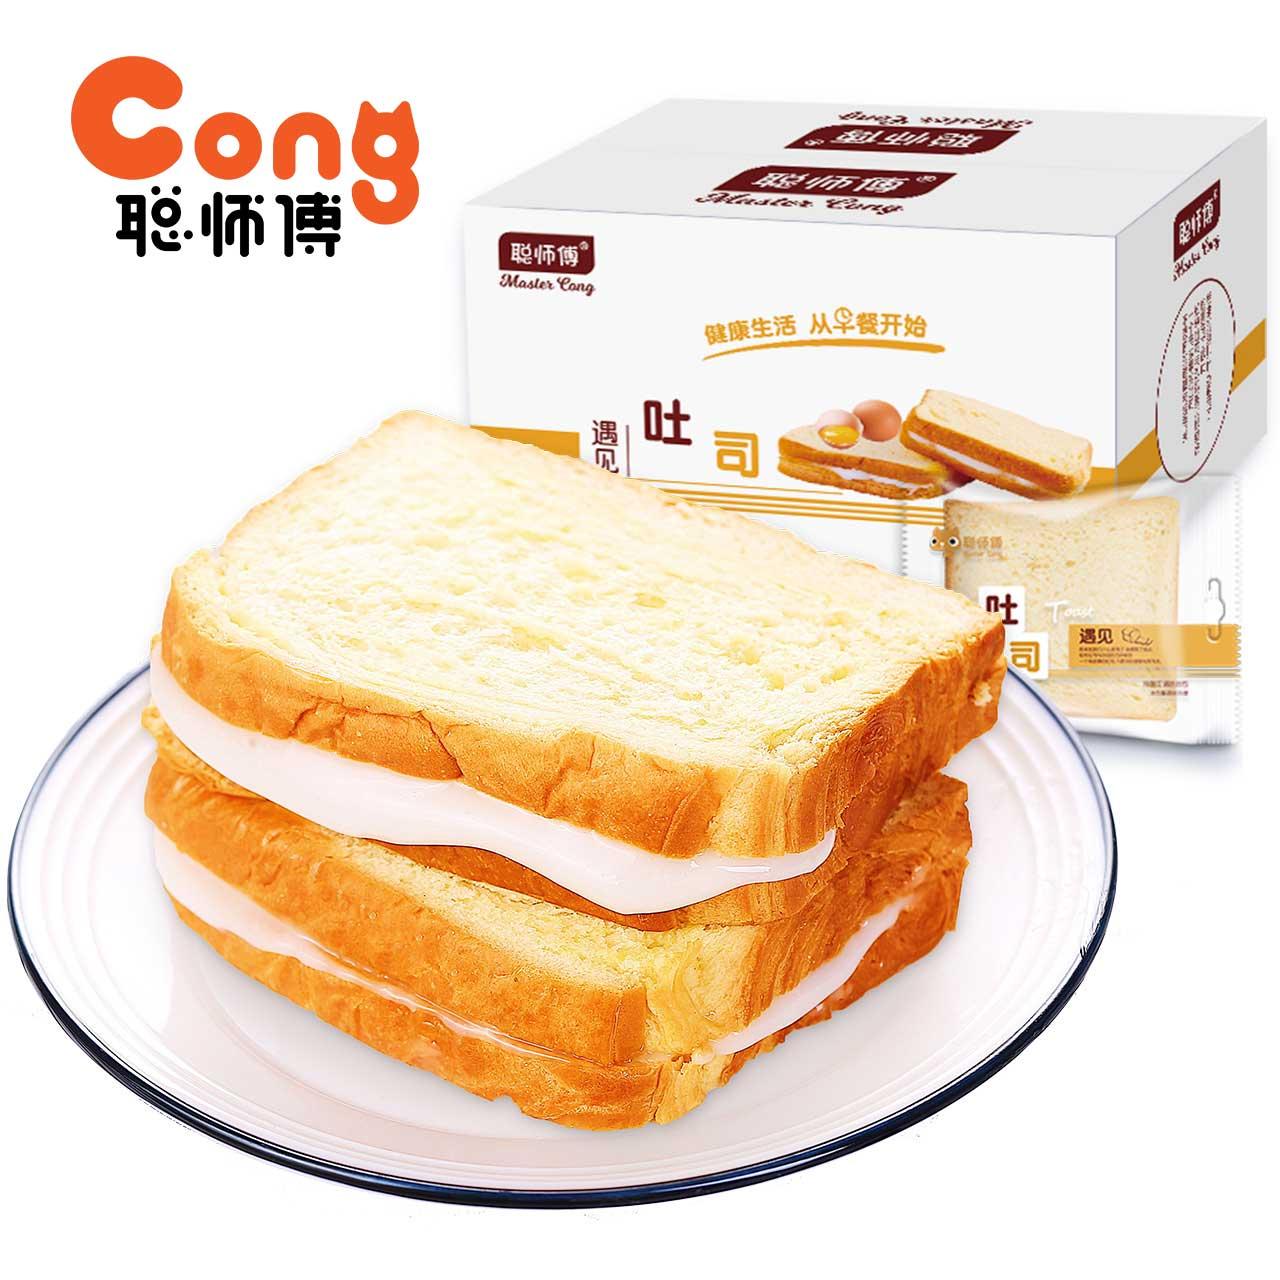 聪师傅吐司面包全麦手撕早餐夹心网红小零食品蛋糕点心整箱速食